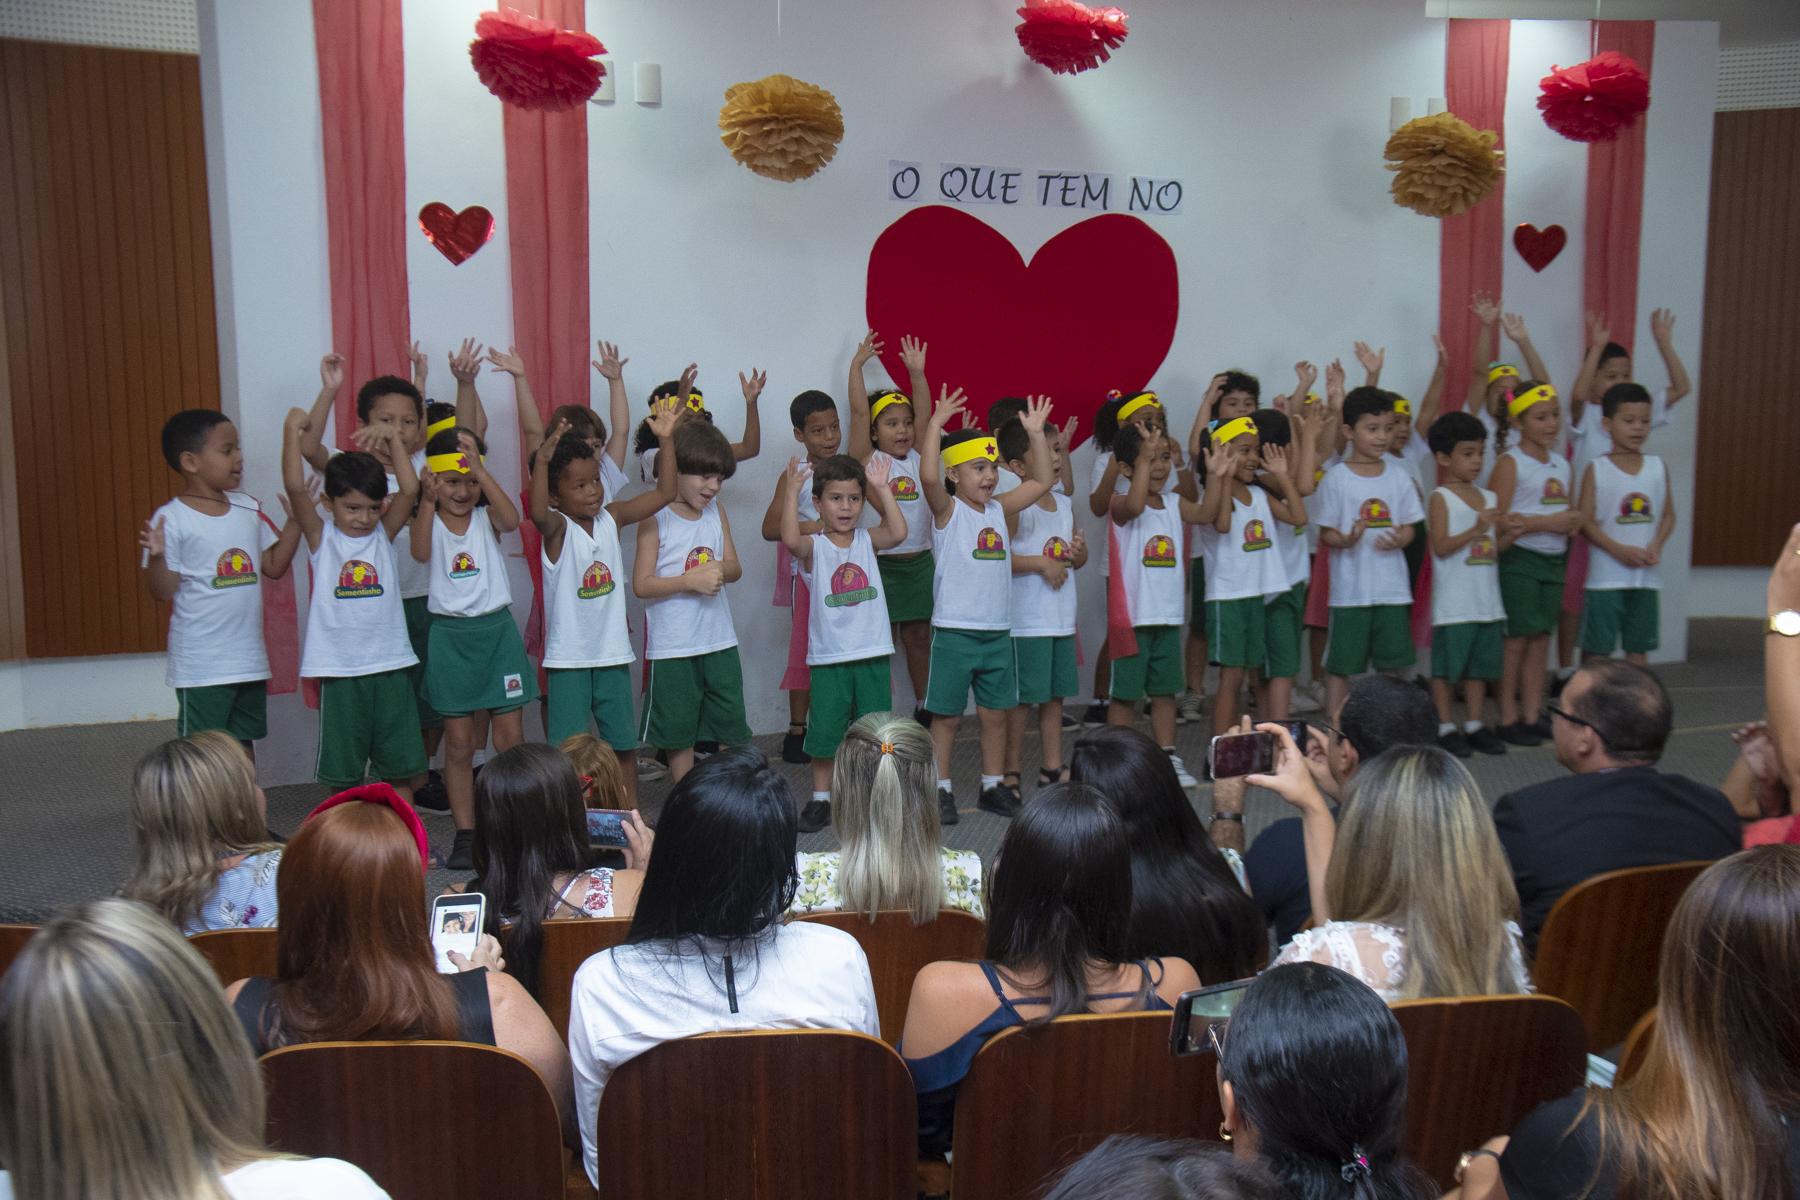 Creche-Escola Sementinha promove manhã de homenagem ao Dia das Mães